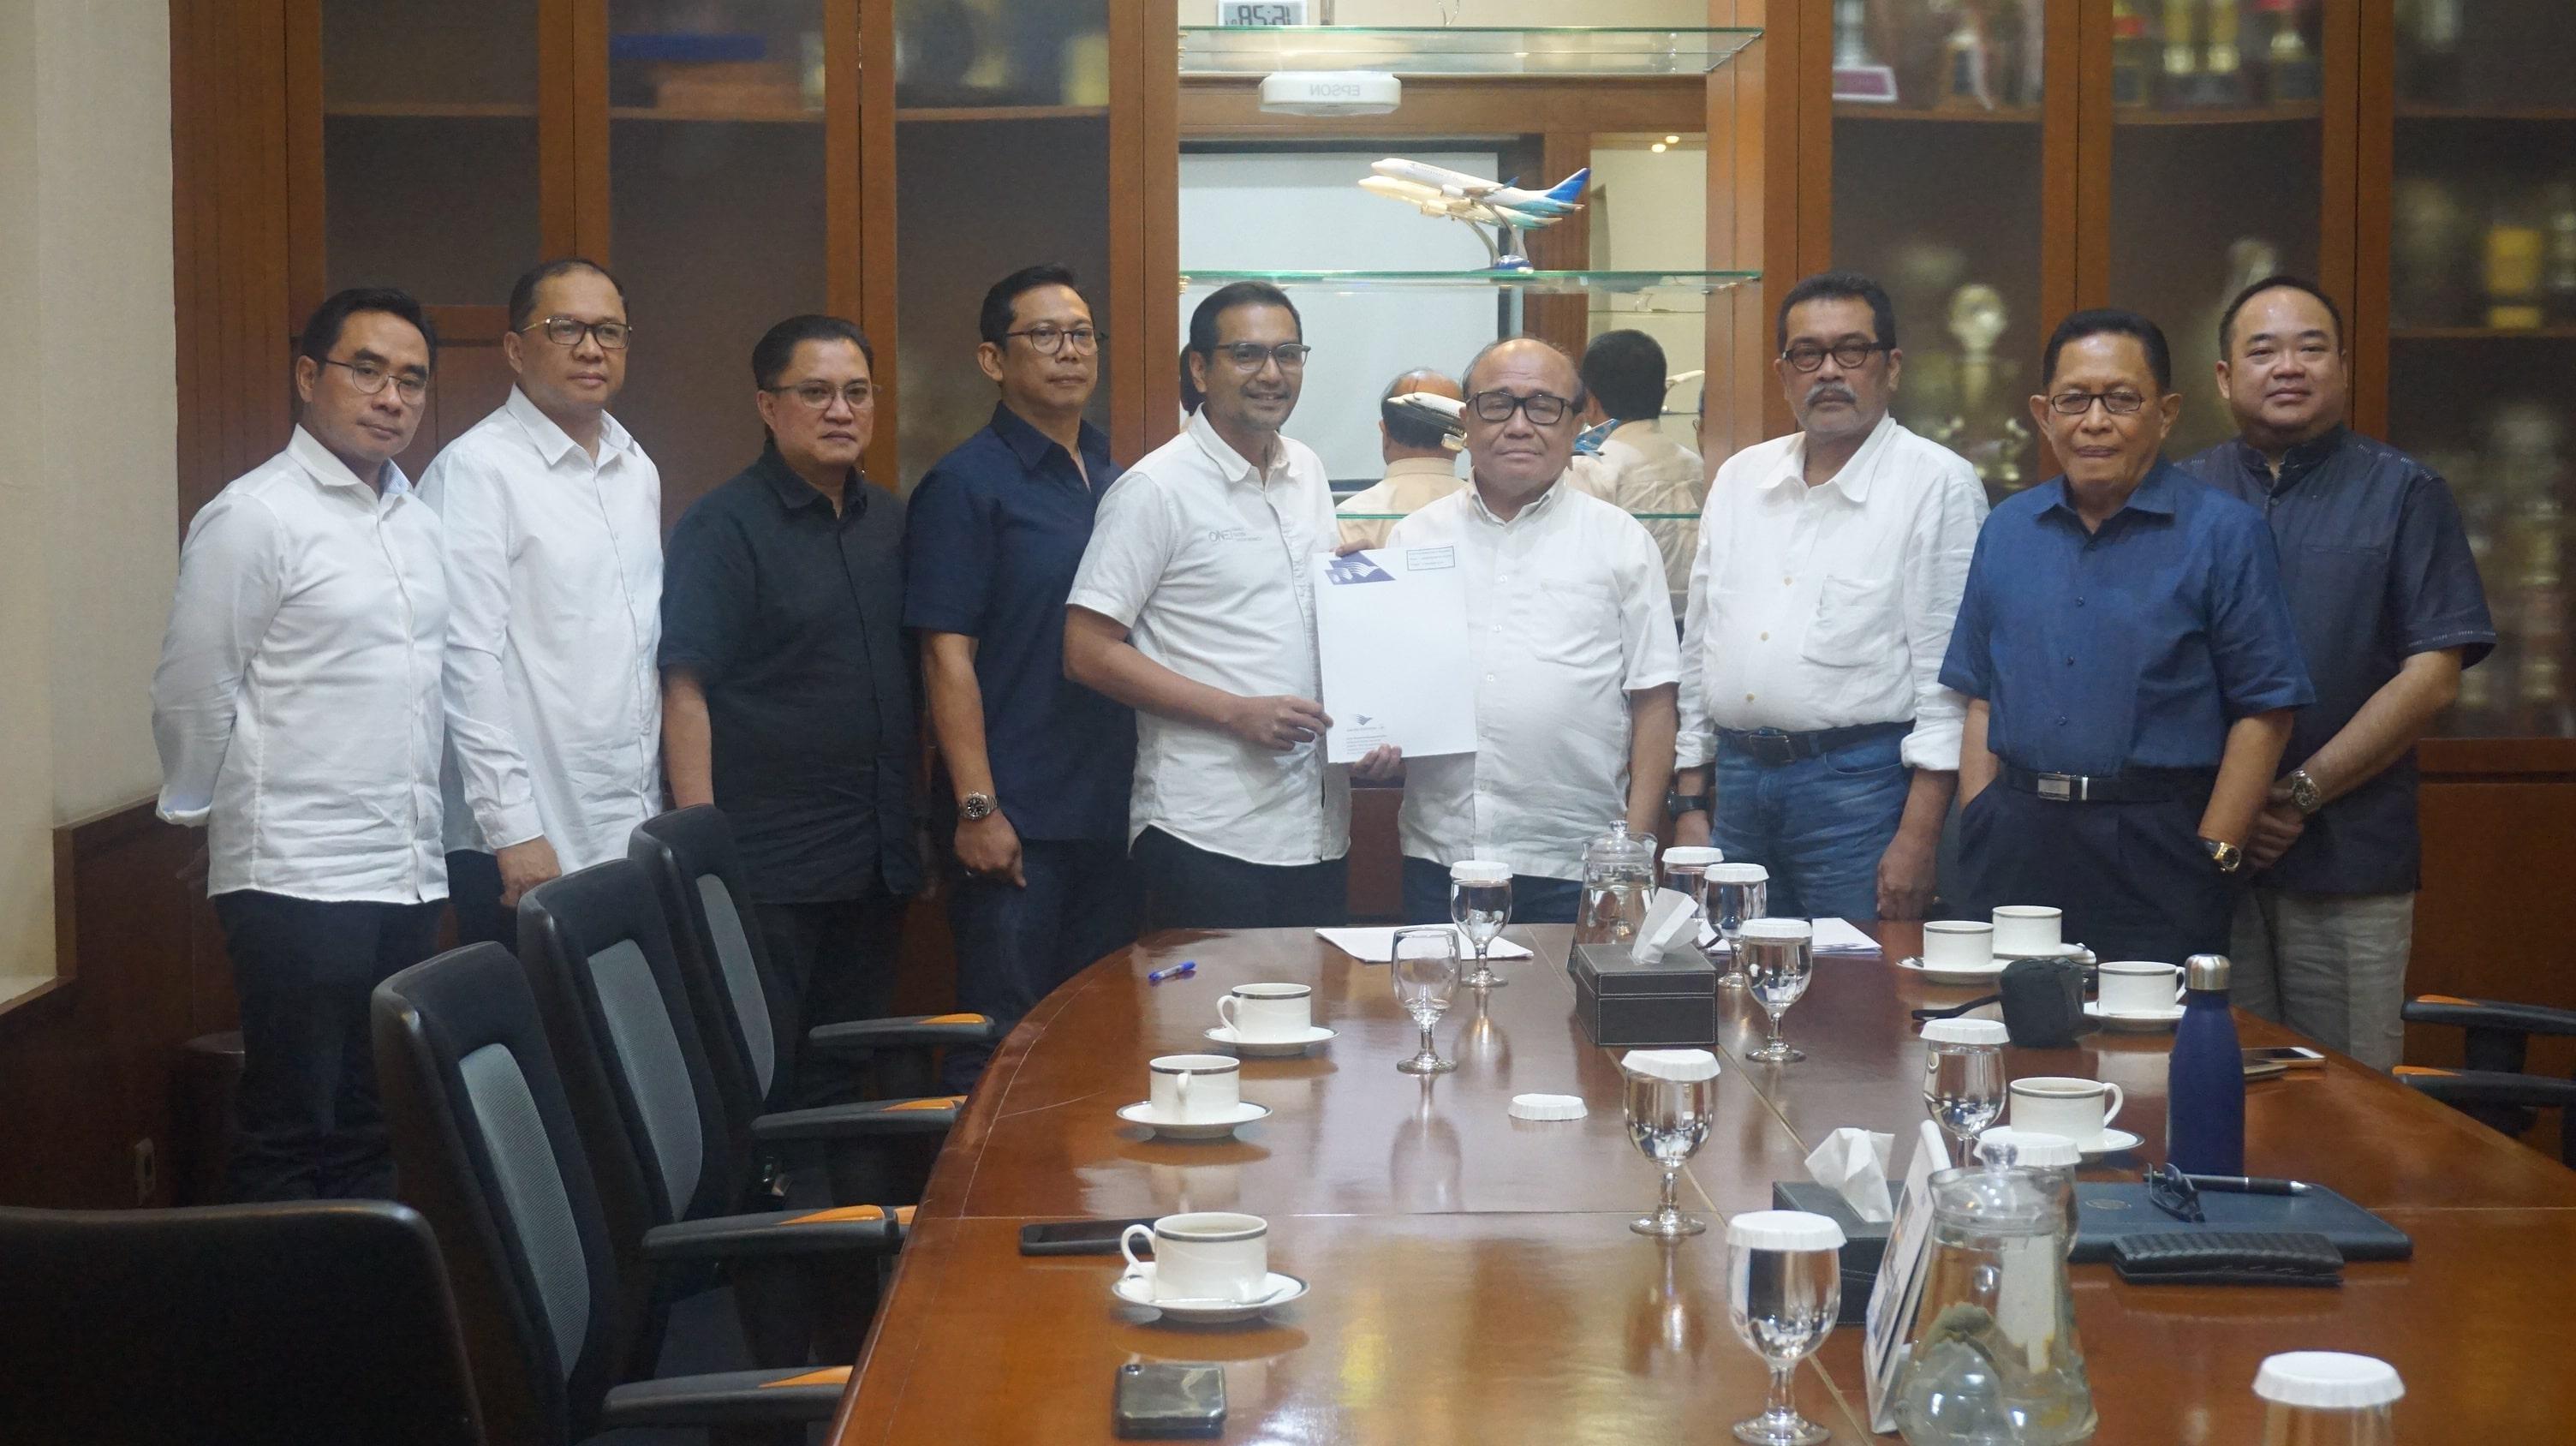 Garuda Indonesia Mendukung Keputusan Menteri BUMN Terkait Penataan Anak dan Cucu Perusahaan